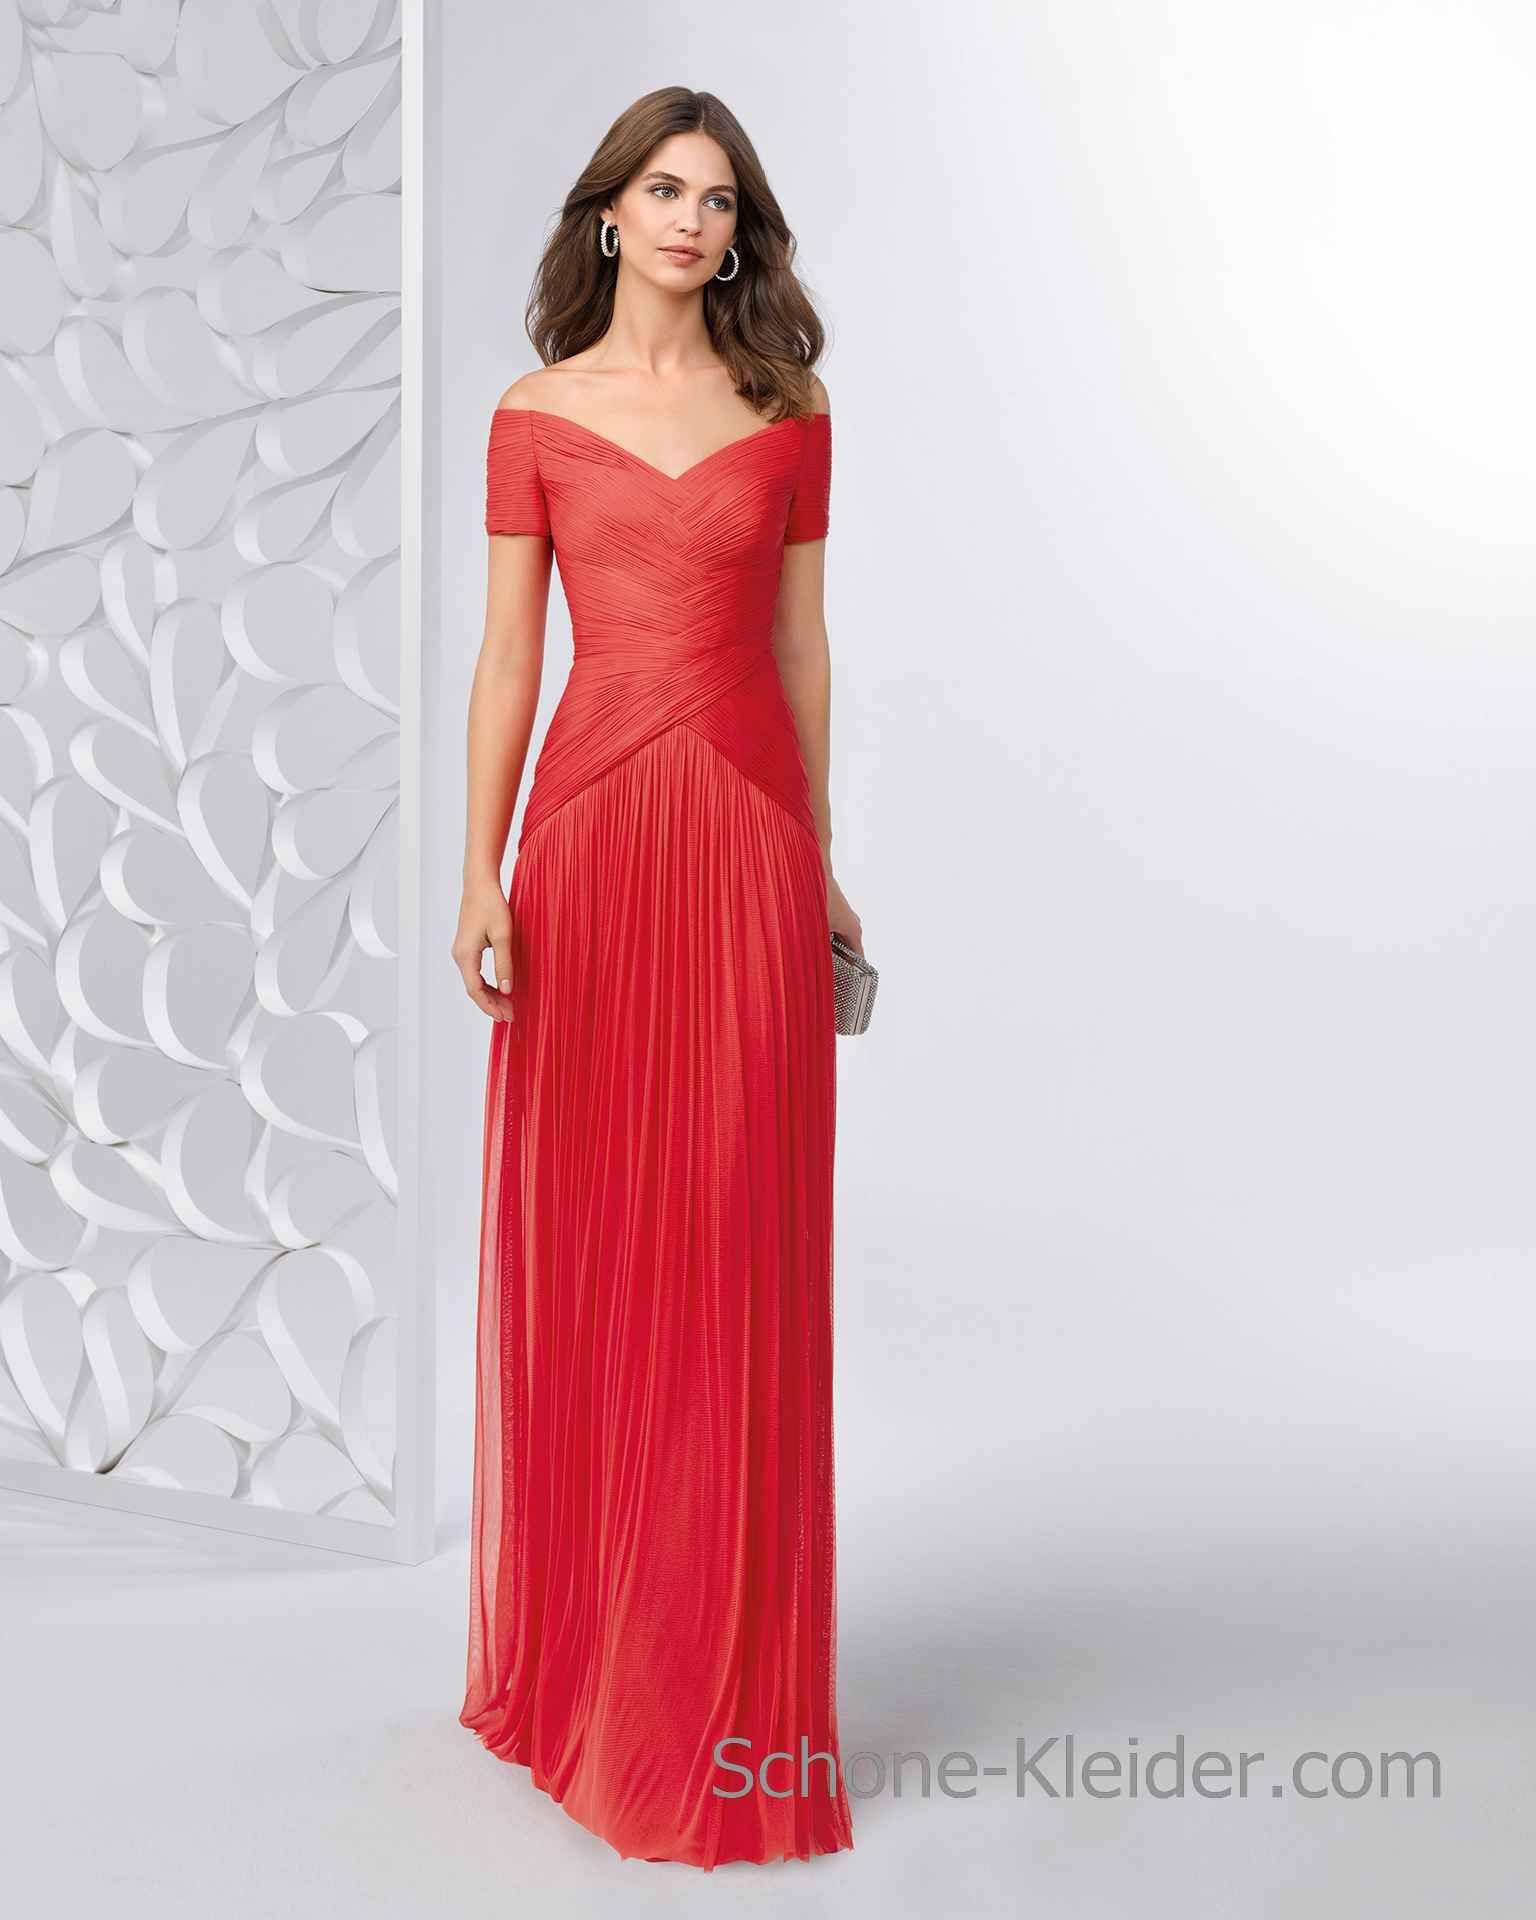 20 Einzigartig Frauen Abend Kleider BoutiqueFormal Schön Frauen Abend Kleider Design